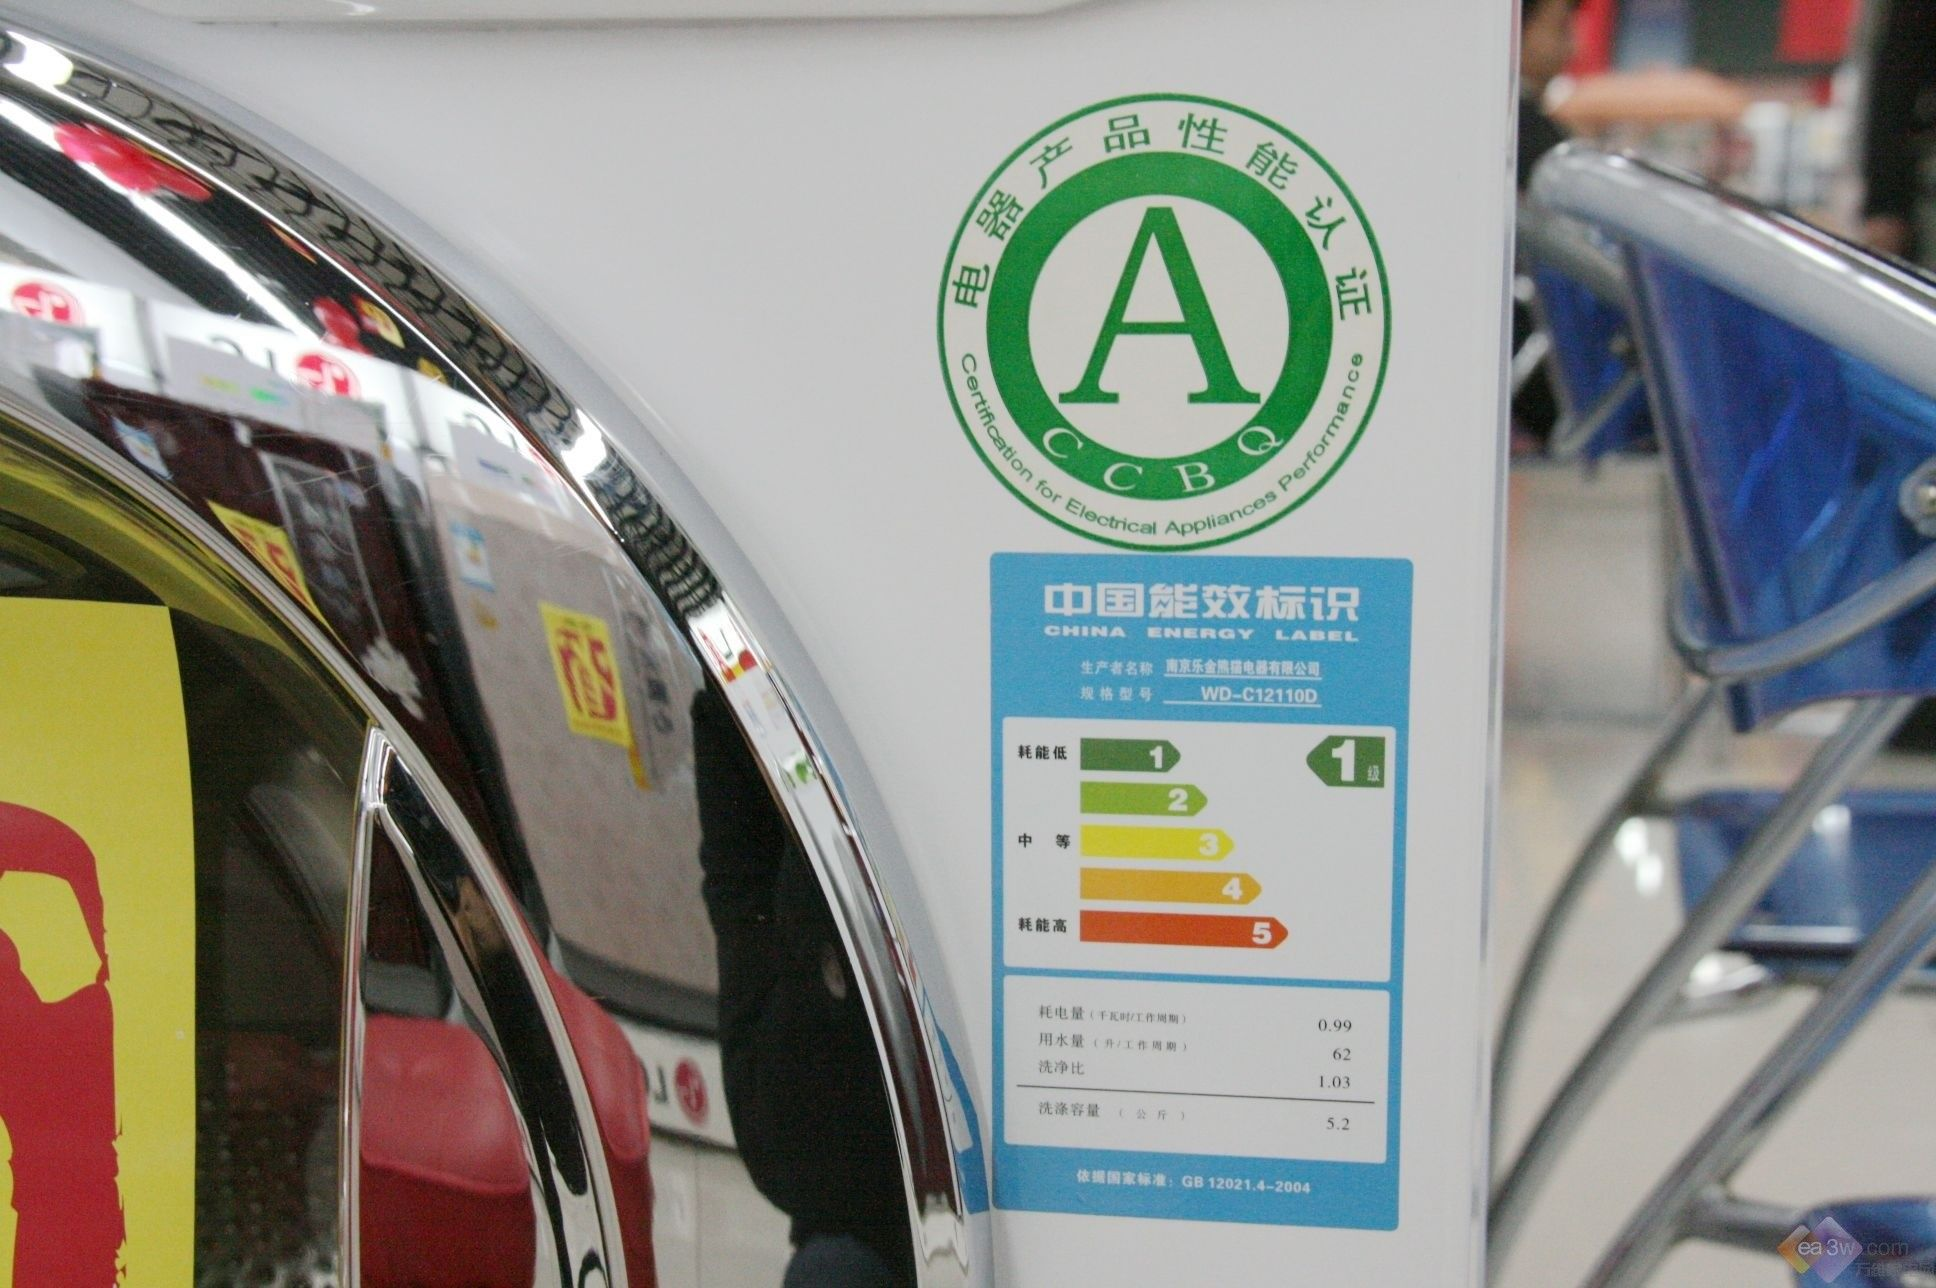 lg滚筒洗衣机卖场热销